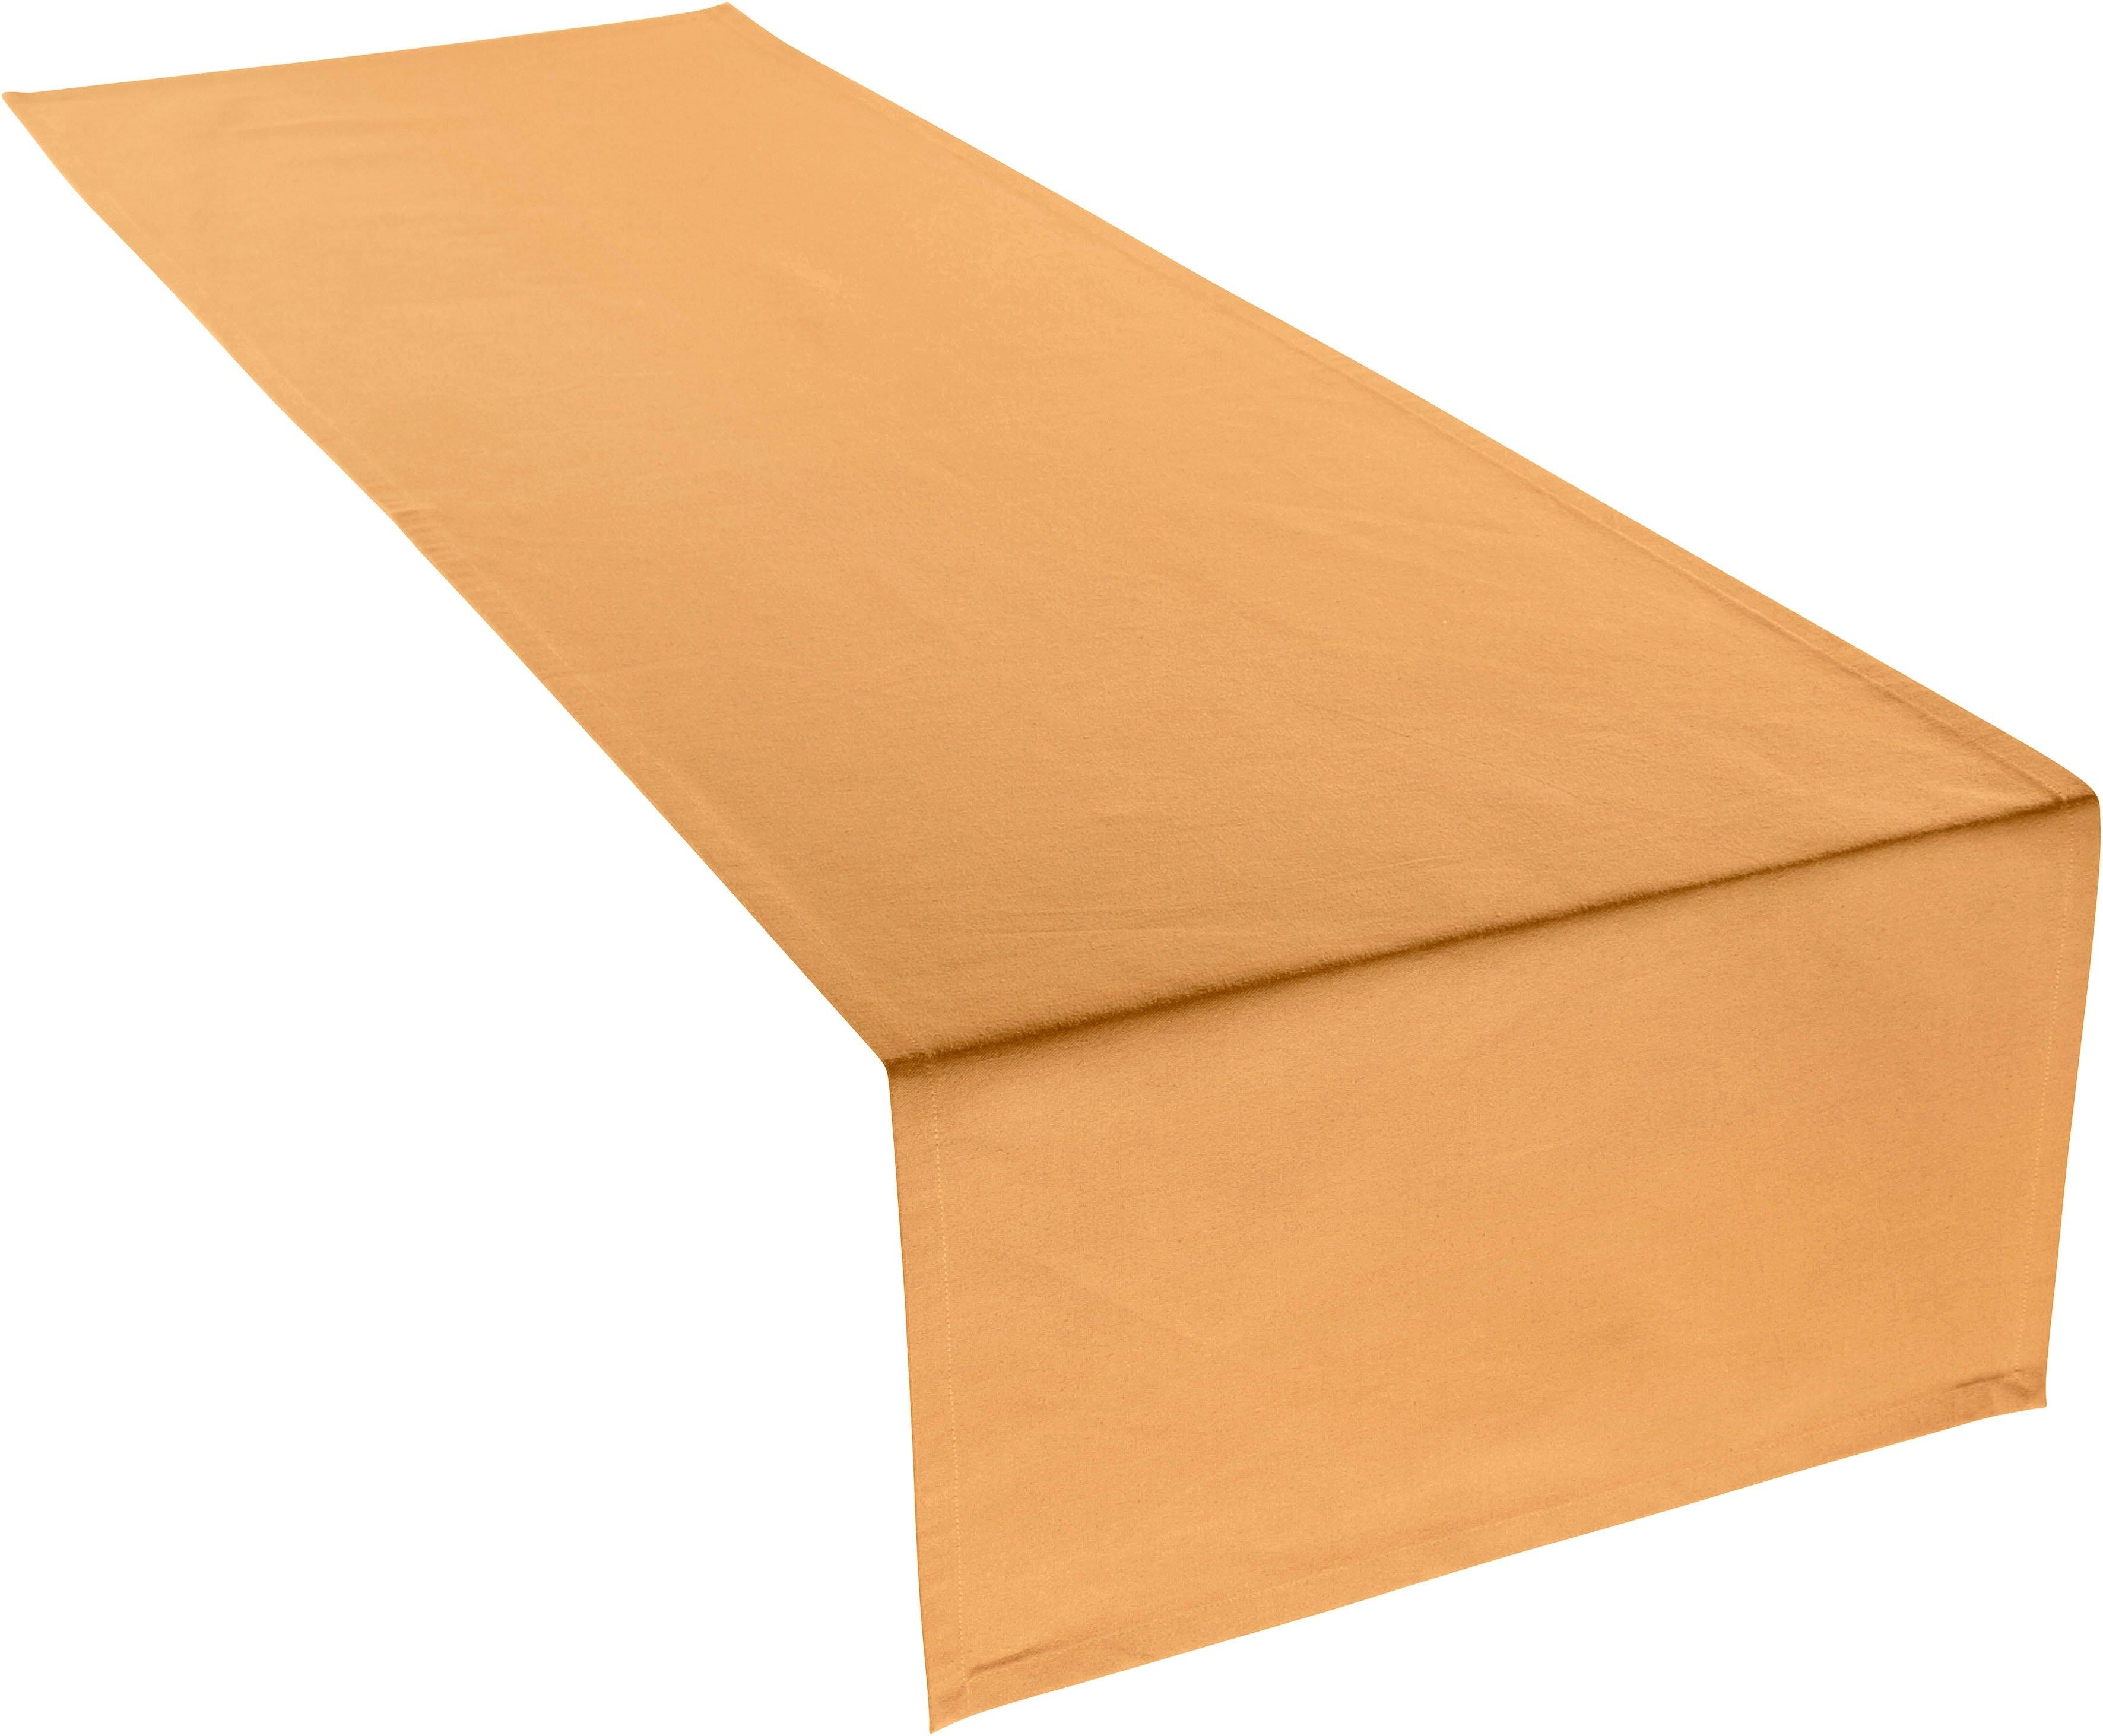 OTTO products tafellaken Lasse (1 stuk) online kopen op otto.nl